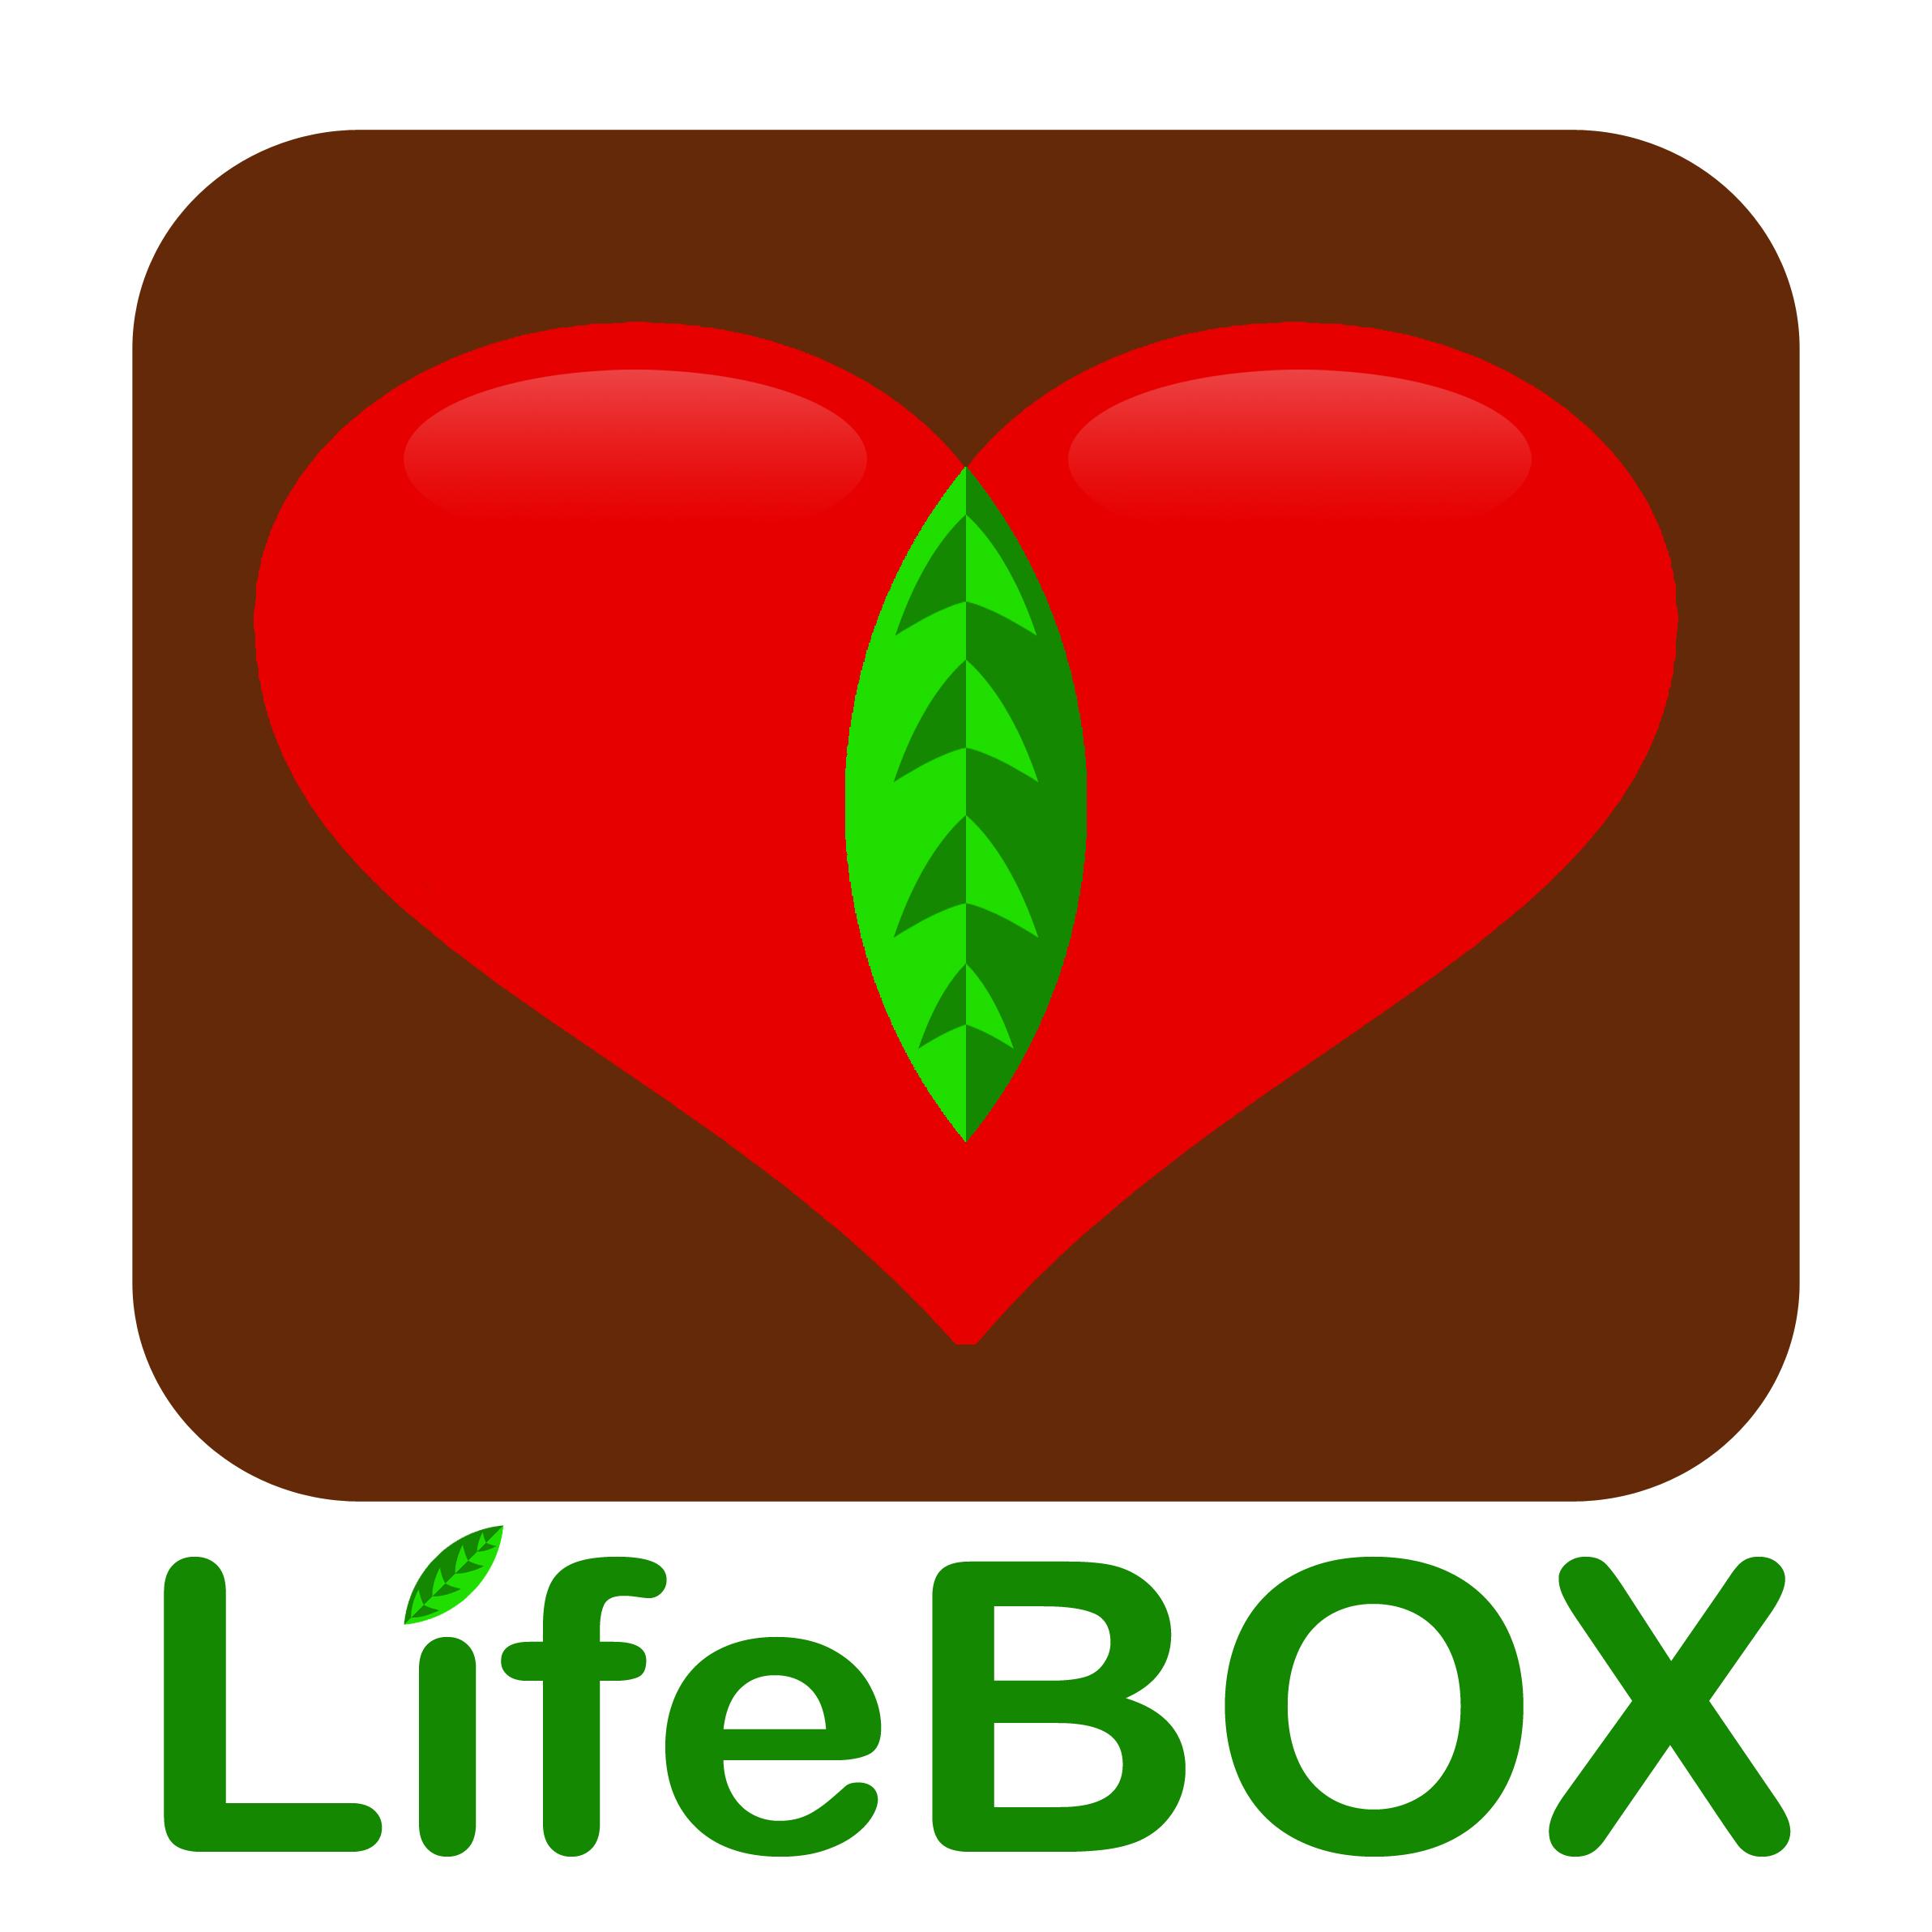 Разработка Логотипа. Победитель получит расширеный заказ  фото f_4575c2d41019b51f.jpg